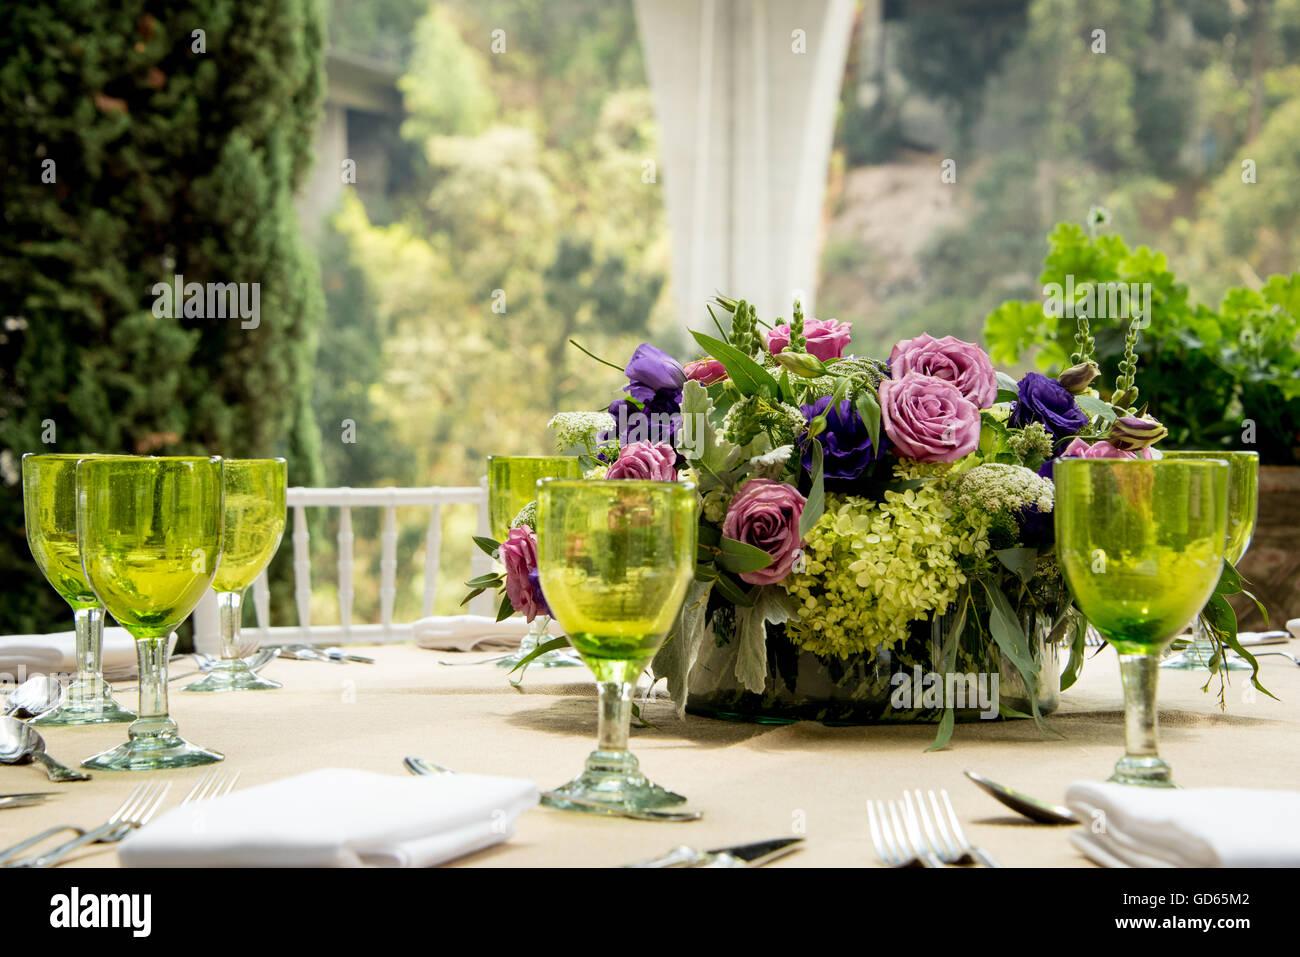 Formale Tischdekoration Fur Eine Hochzeit Mit Floralen Herzstuck Und